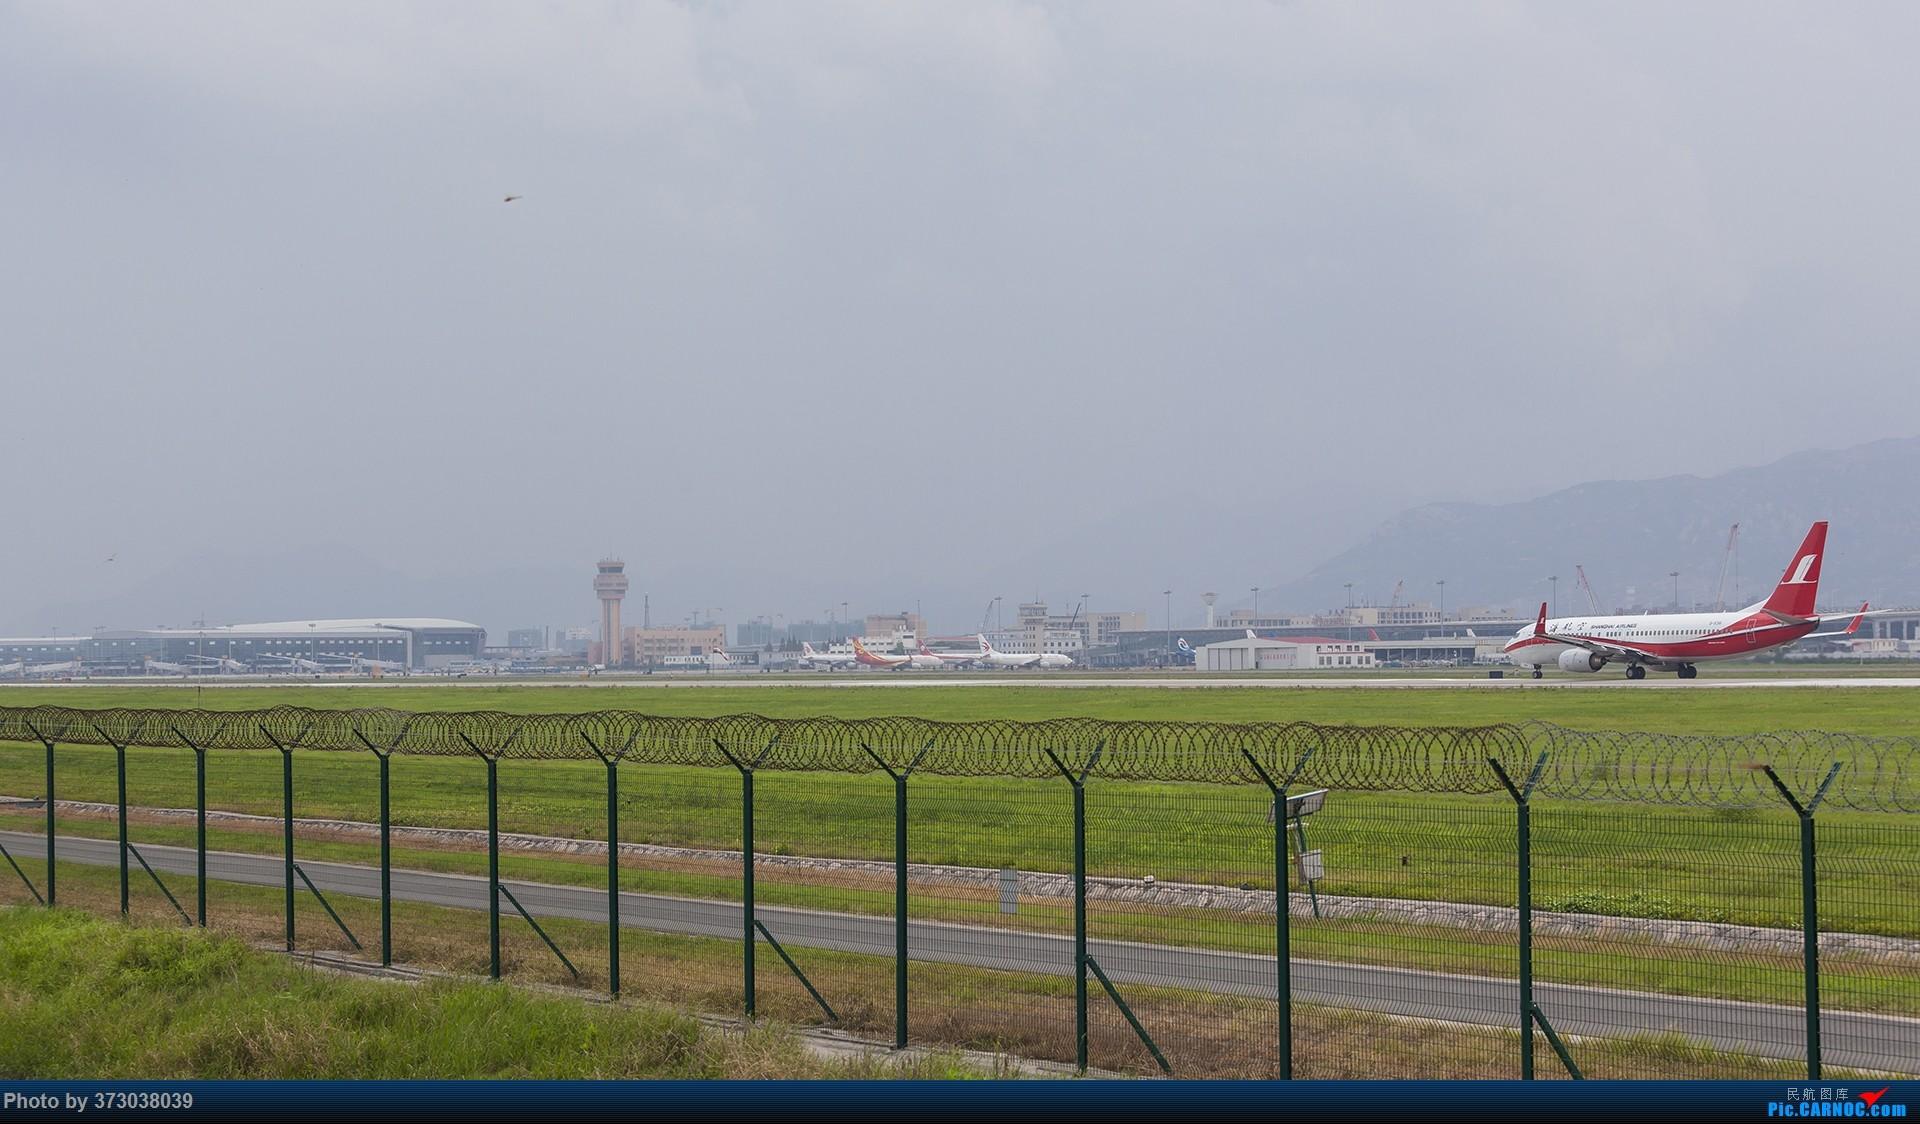 [原创]【杭州飞友会】久别重逢,自个家乡的温州龙湾国际机场 AIRBUS A319-100 B-6213 中国温州龙湾国际机场 中国温州龙湾国际机场